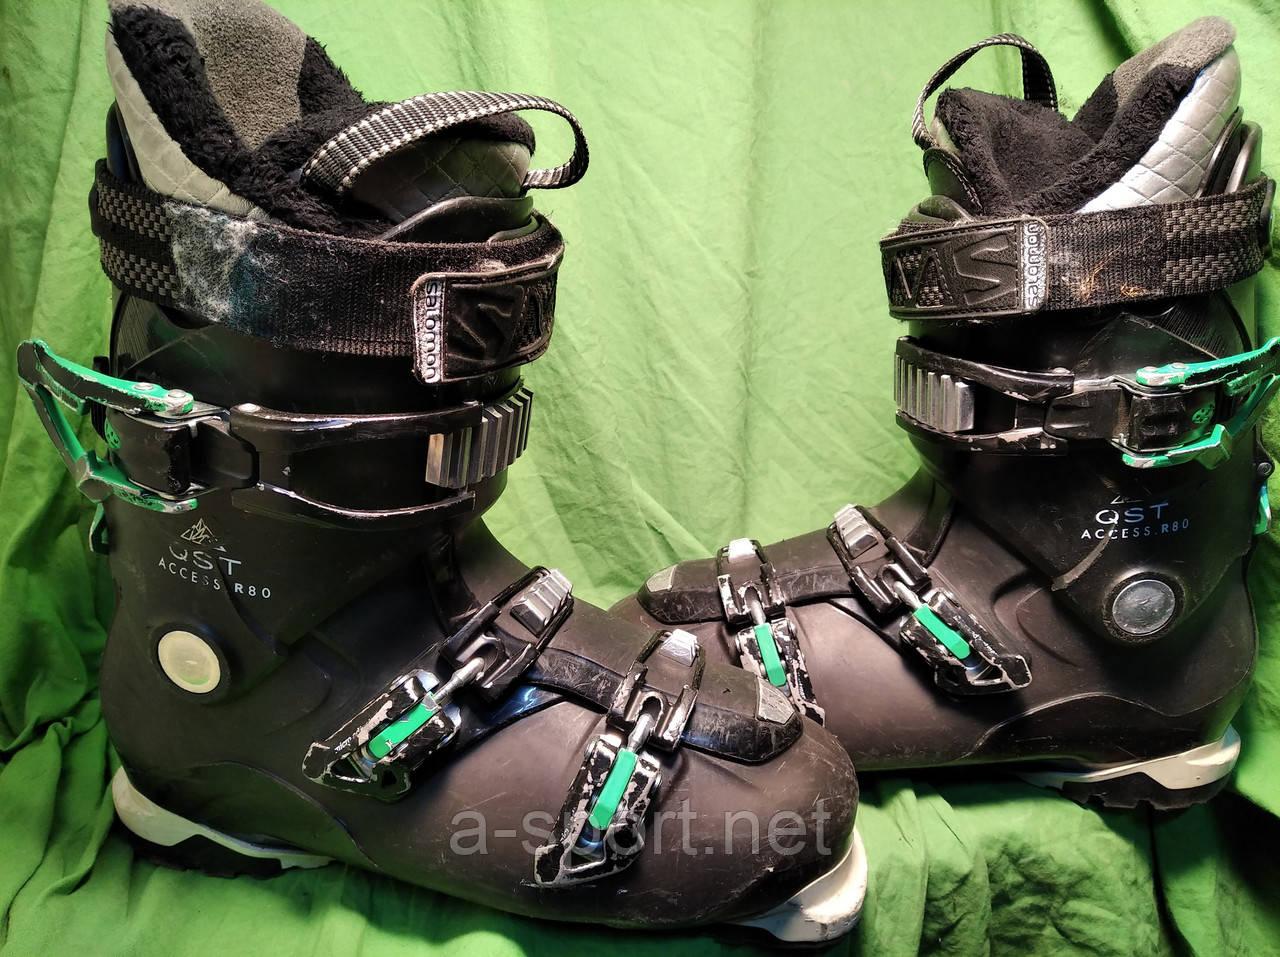 Гірськолижні черевики Salomon QST Access 80 28.5 см